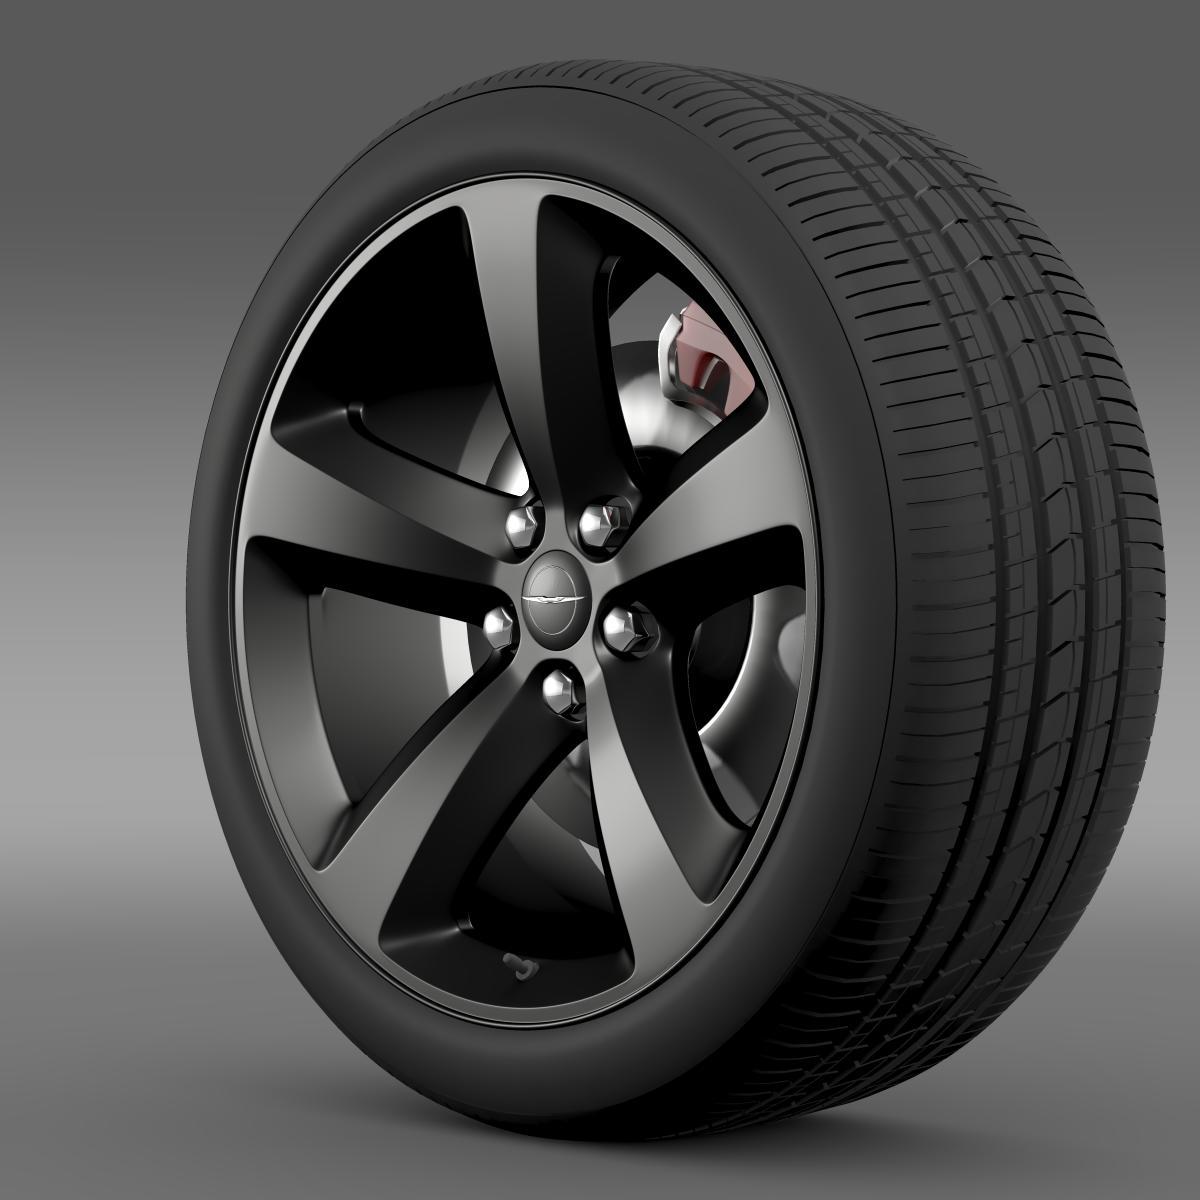 chrysler 300s wheel 3d modelo 3ds max fbx c4d lwo ma mb hrc xsi obj 210668